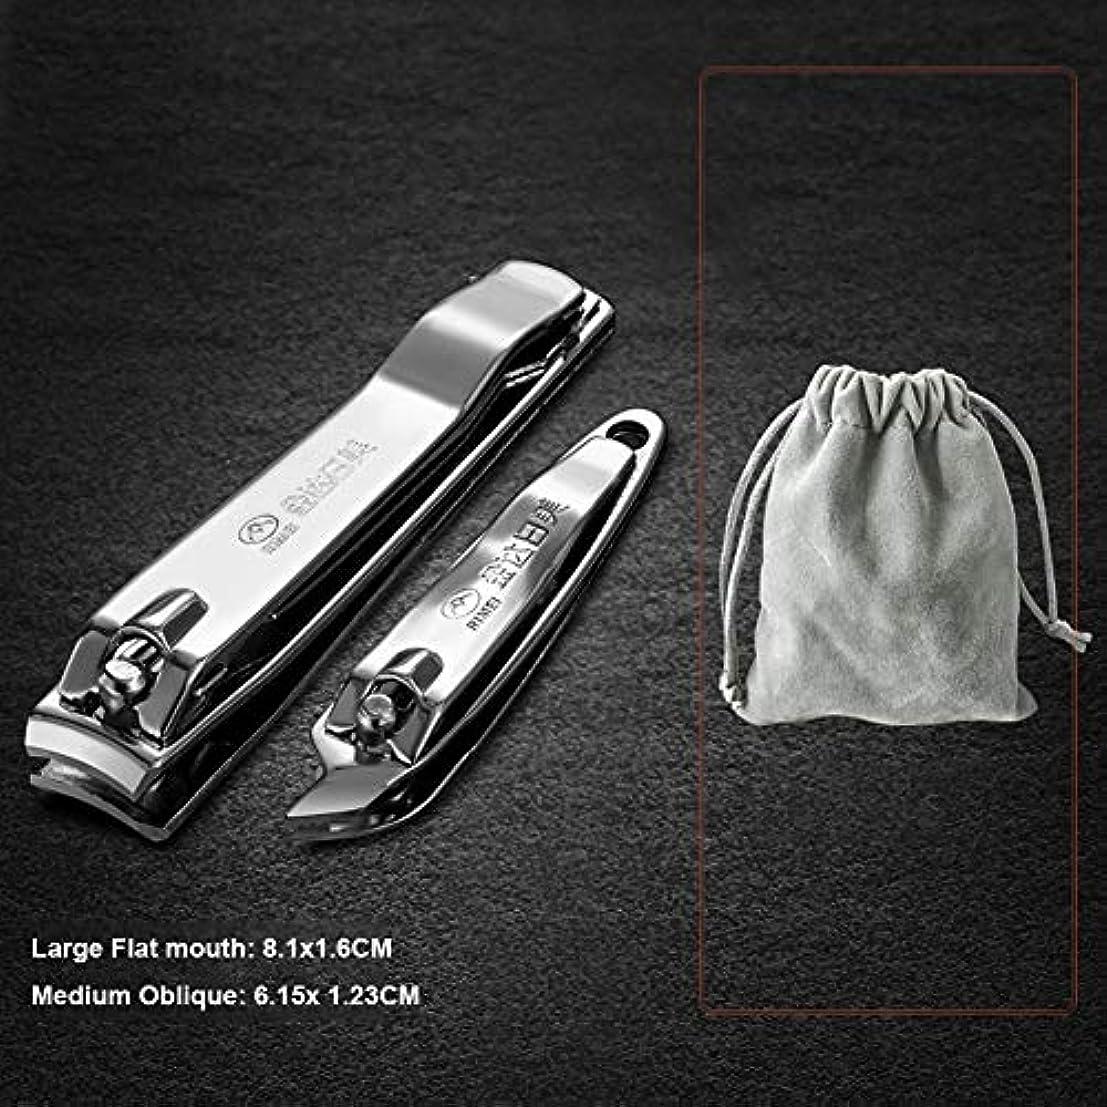 ブランク硬さ有害な2つのステンレス鋼の爪切り、大きい平らな爪切りおよび中型の斜めの釘のはさみ、男性女性のため